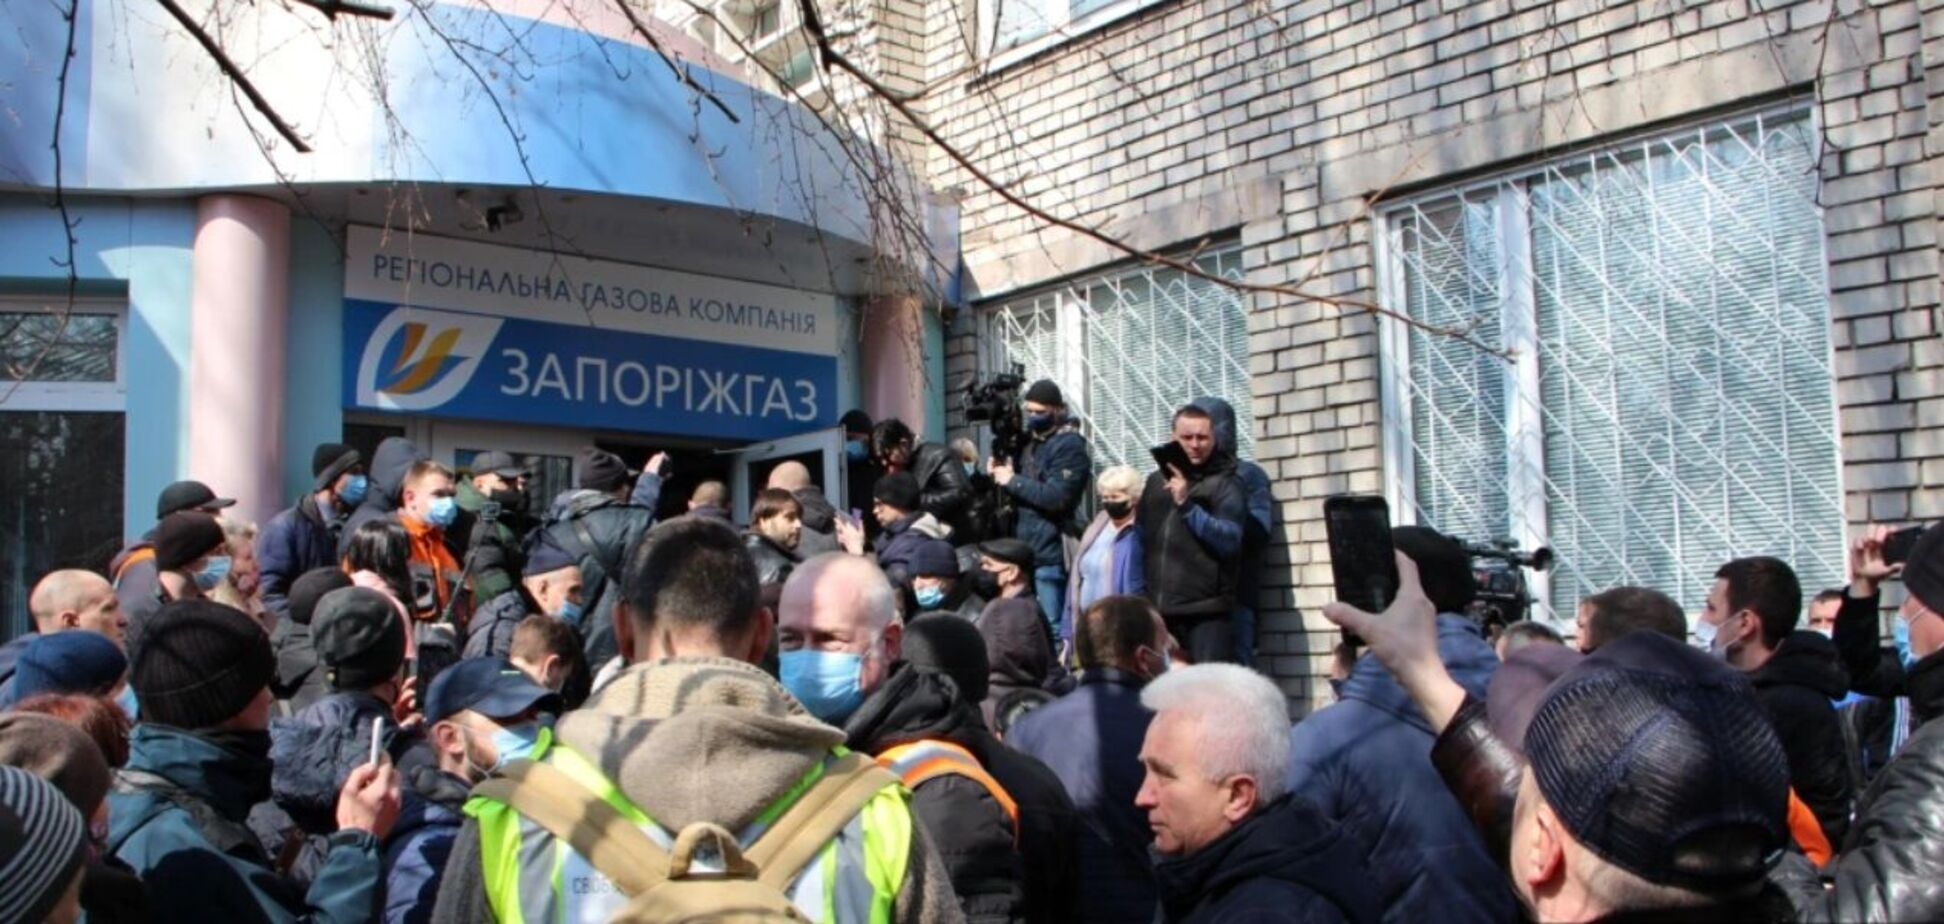 У Запоріжжі трапилися сутички під час мітингу під облгазом Фірташа